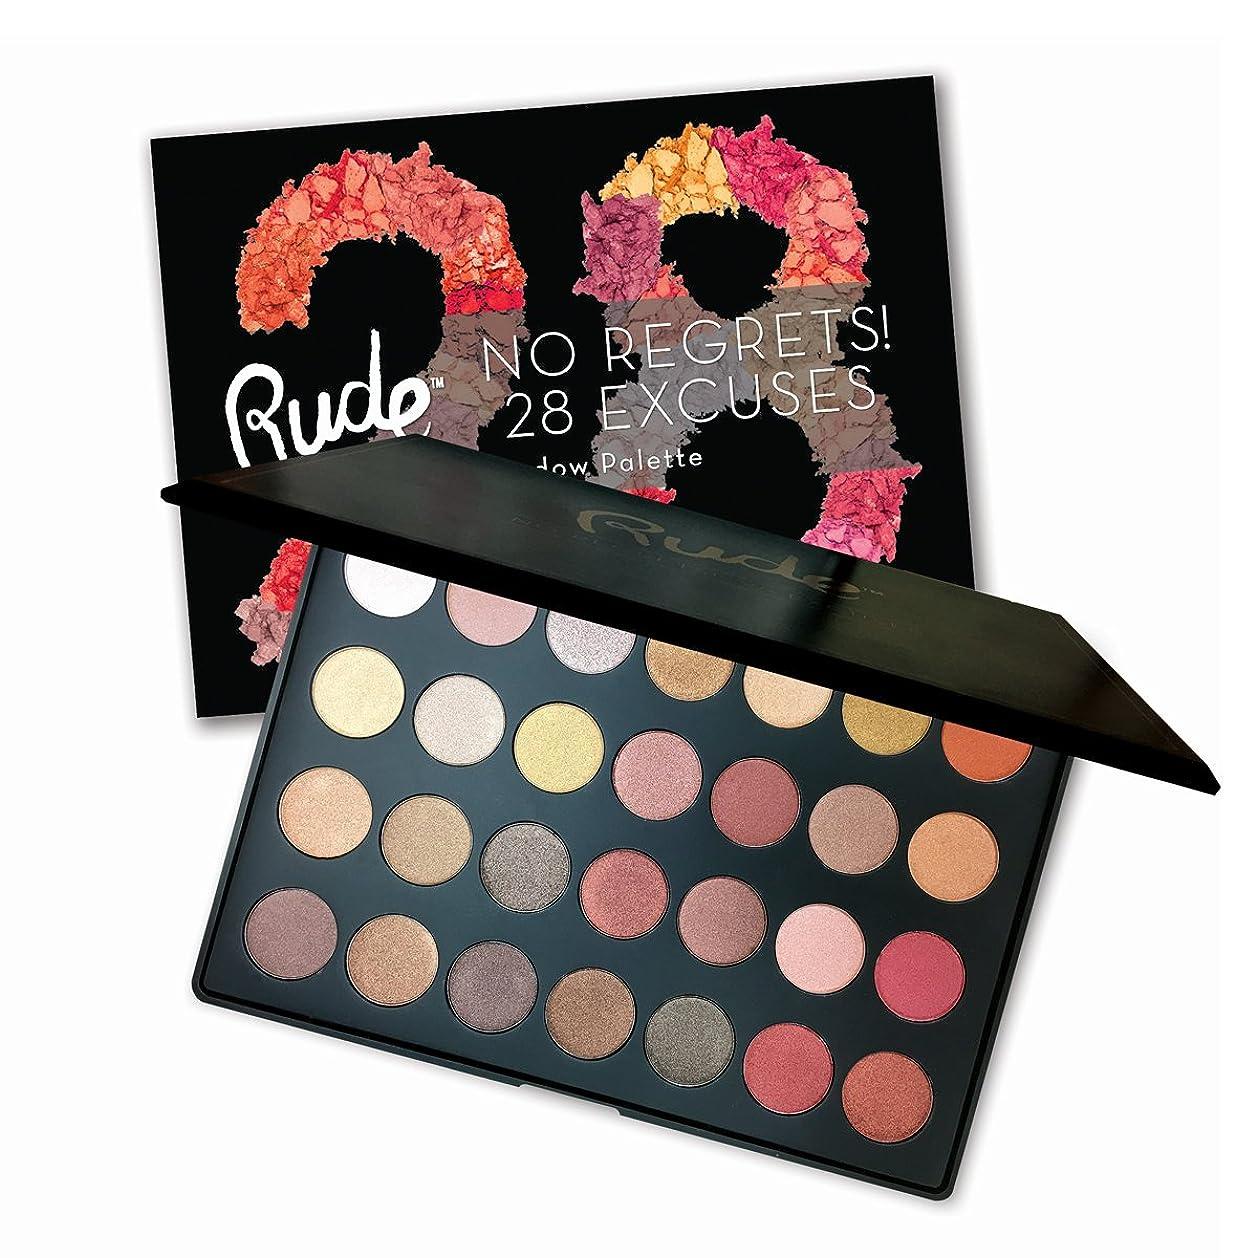 既に落胆させる好戦的な(3 Pack) RUDE No Regrets! 28 Excuses Eyeshadow Palette - Leo Shimmer (並行輸入品)